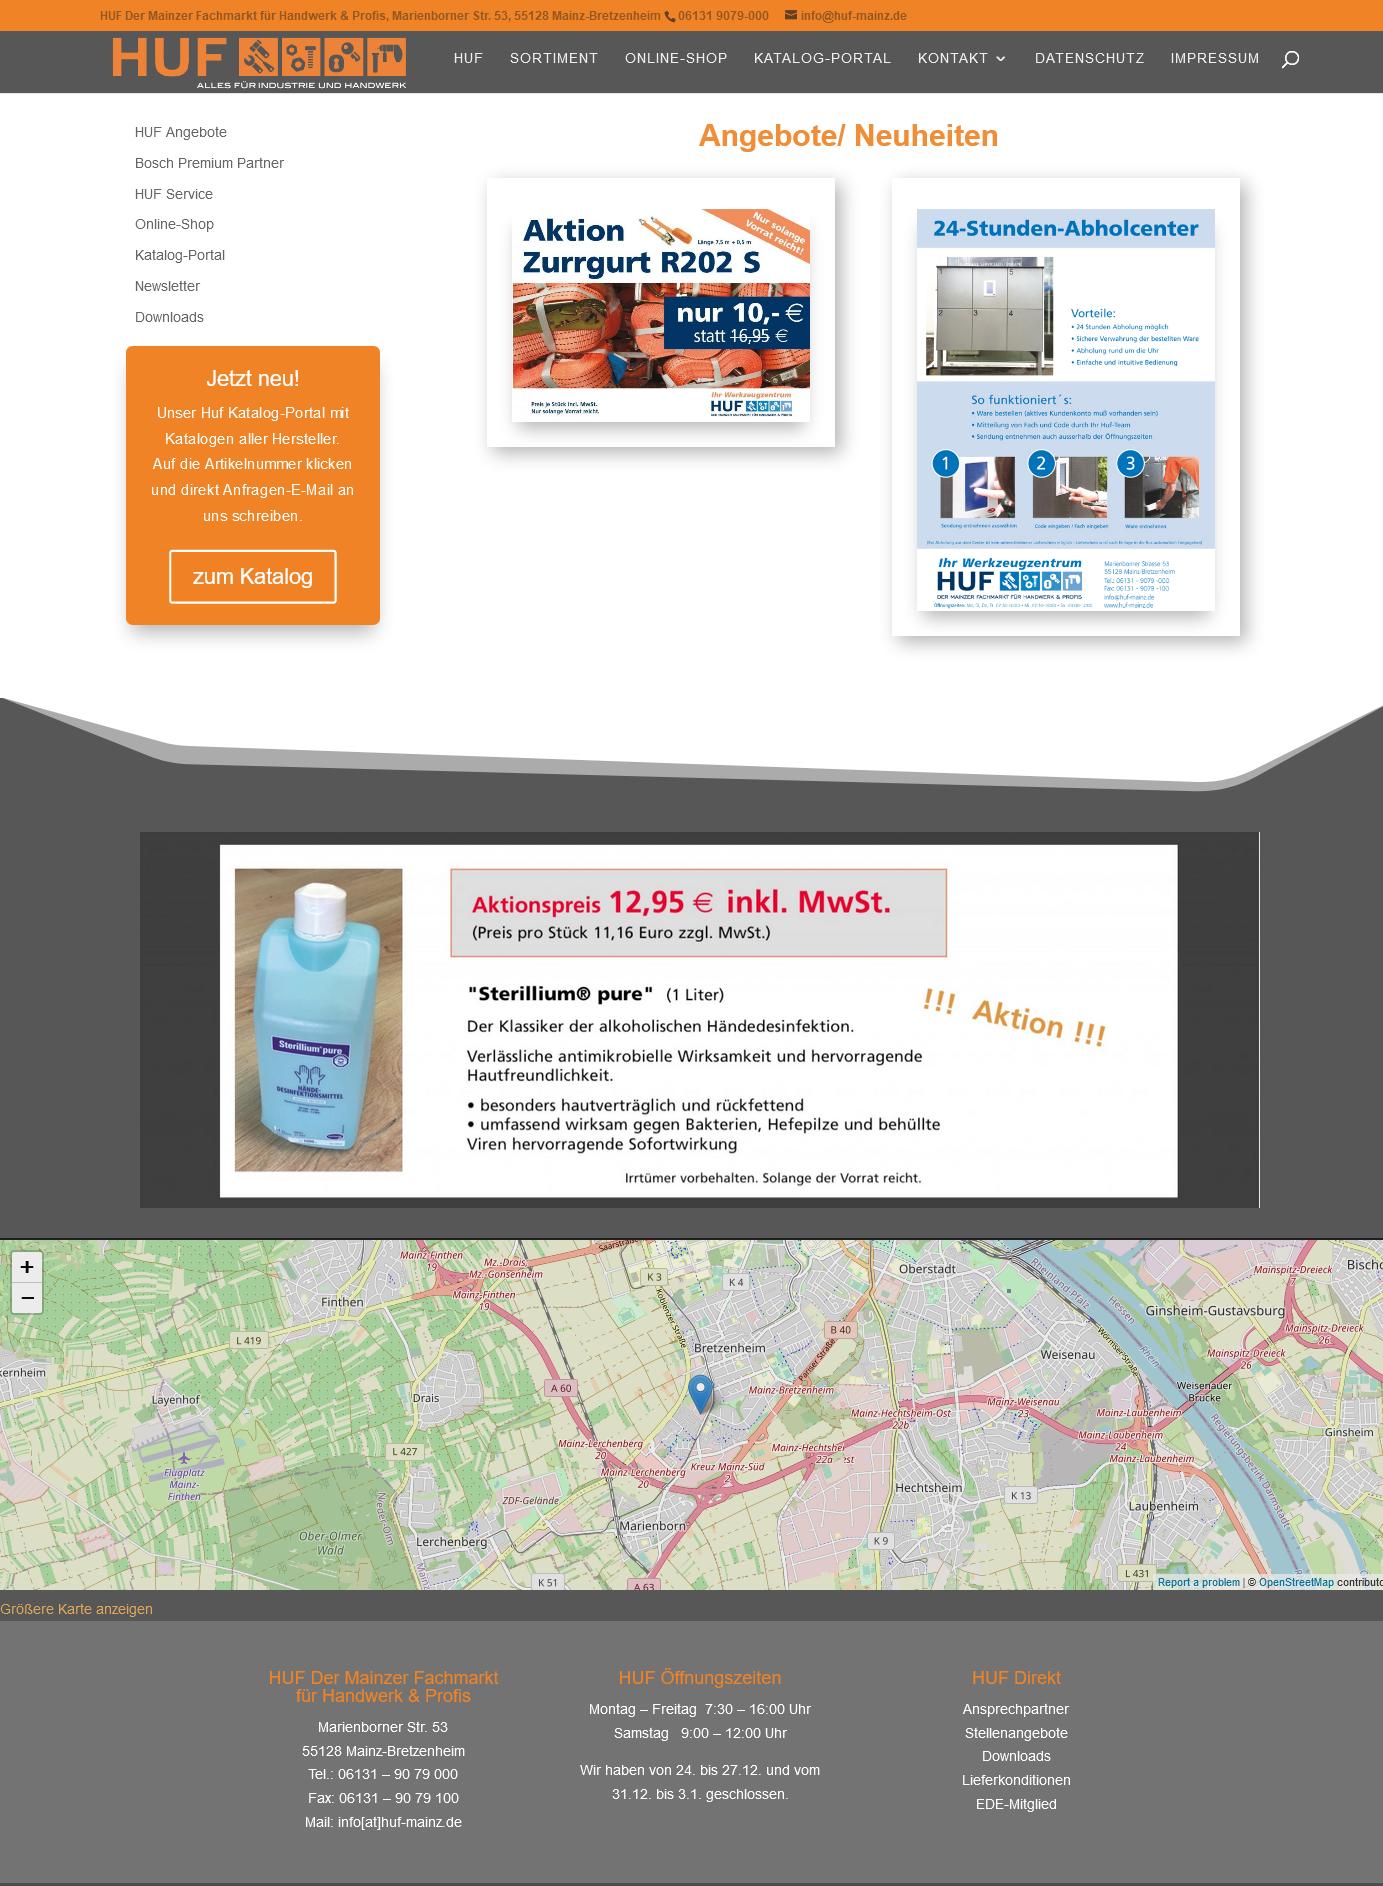 HUF Der Mainzer Fachmarkt für Handwerk Profis